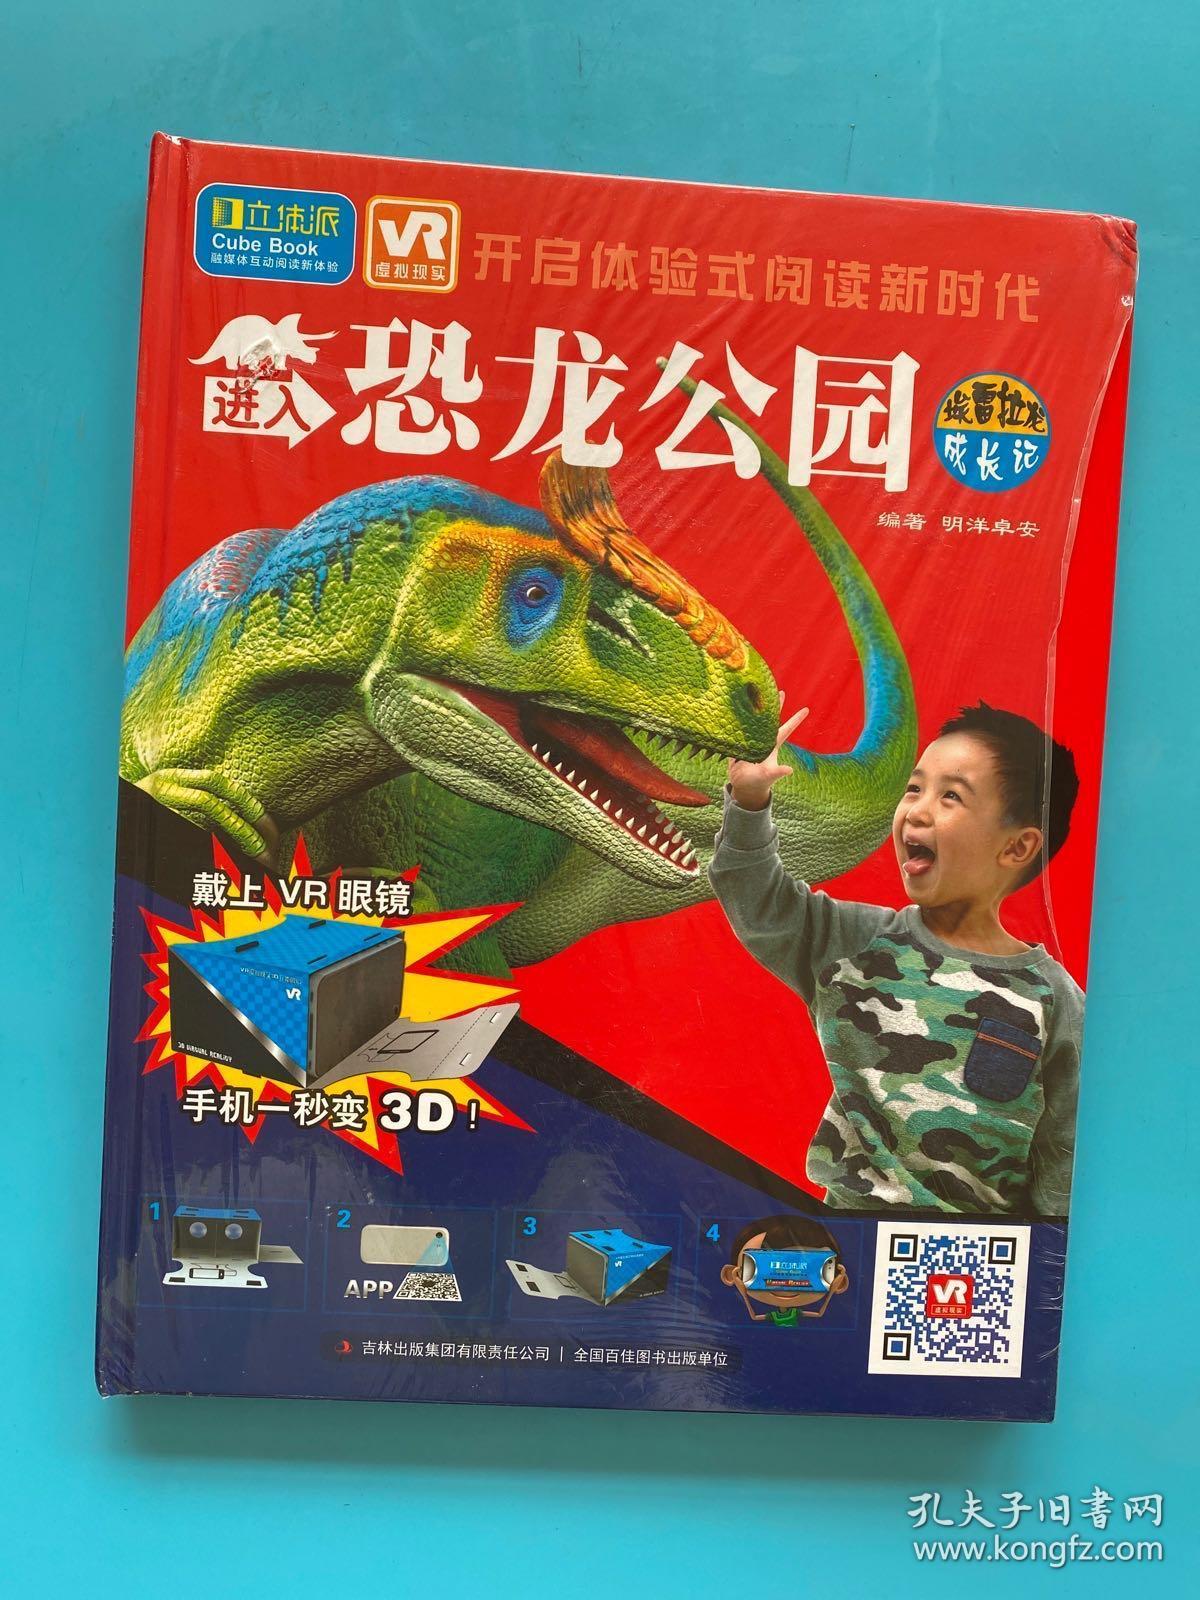 进入恐龙公园-埃雷拉龙成长记